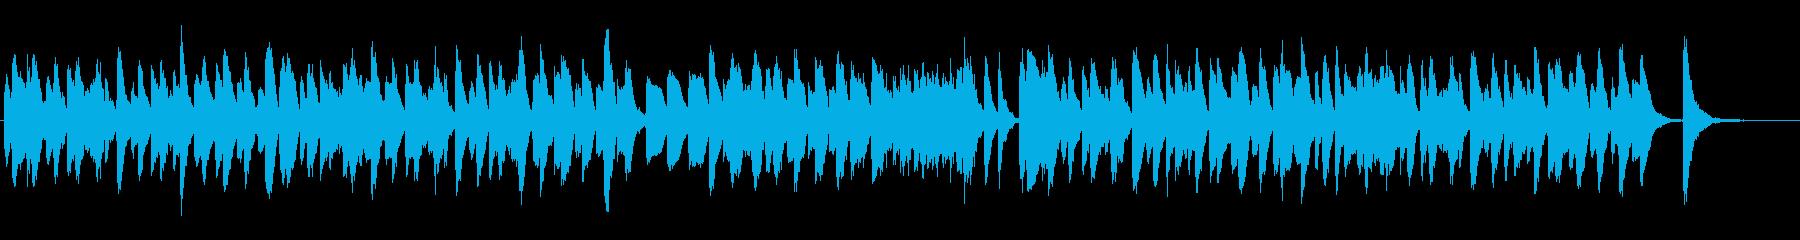 軽快で楽しげなラグタイムピアノの再生済みの波形